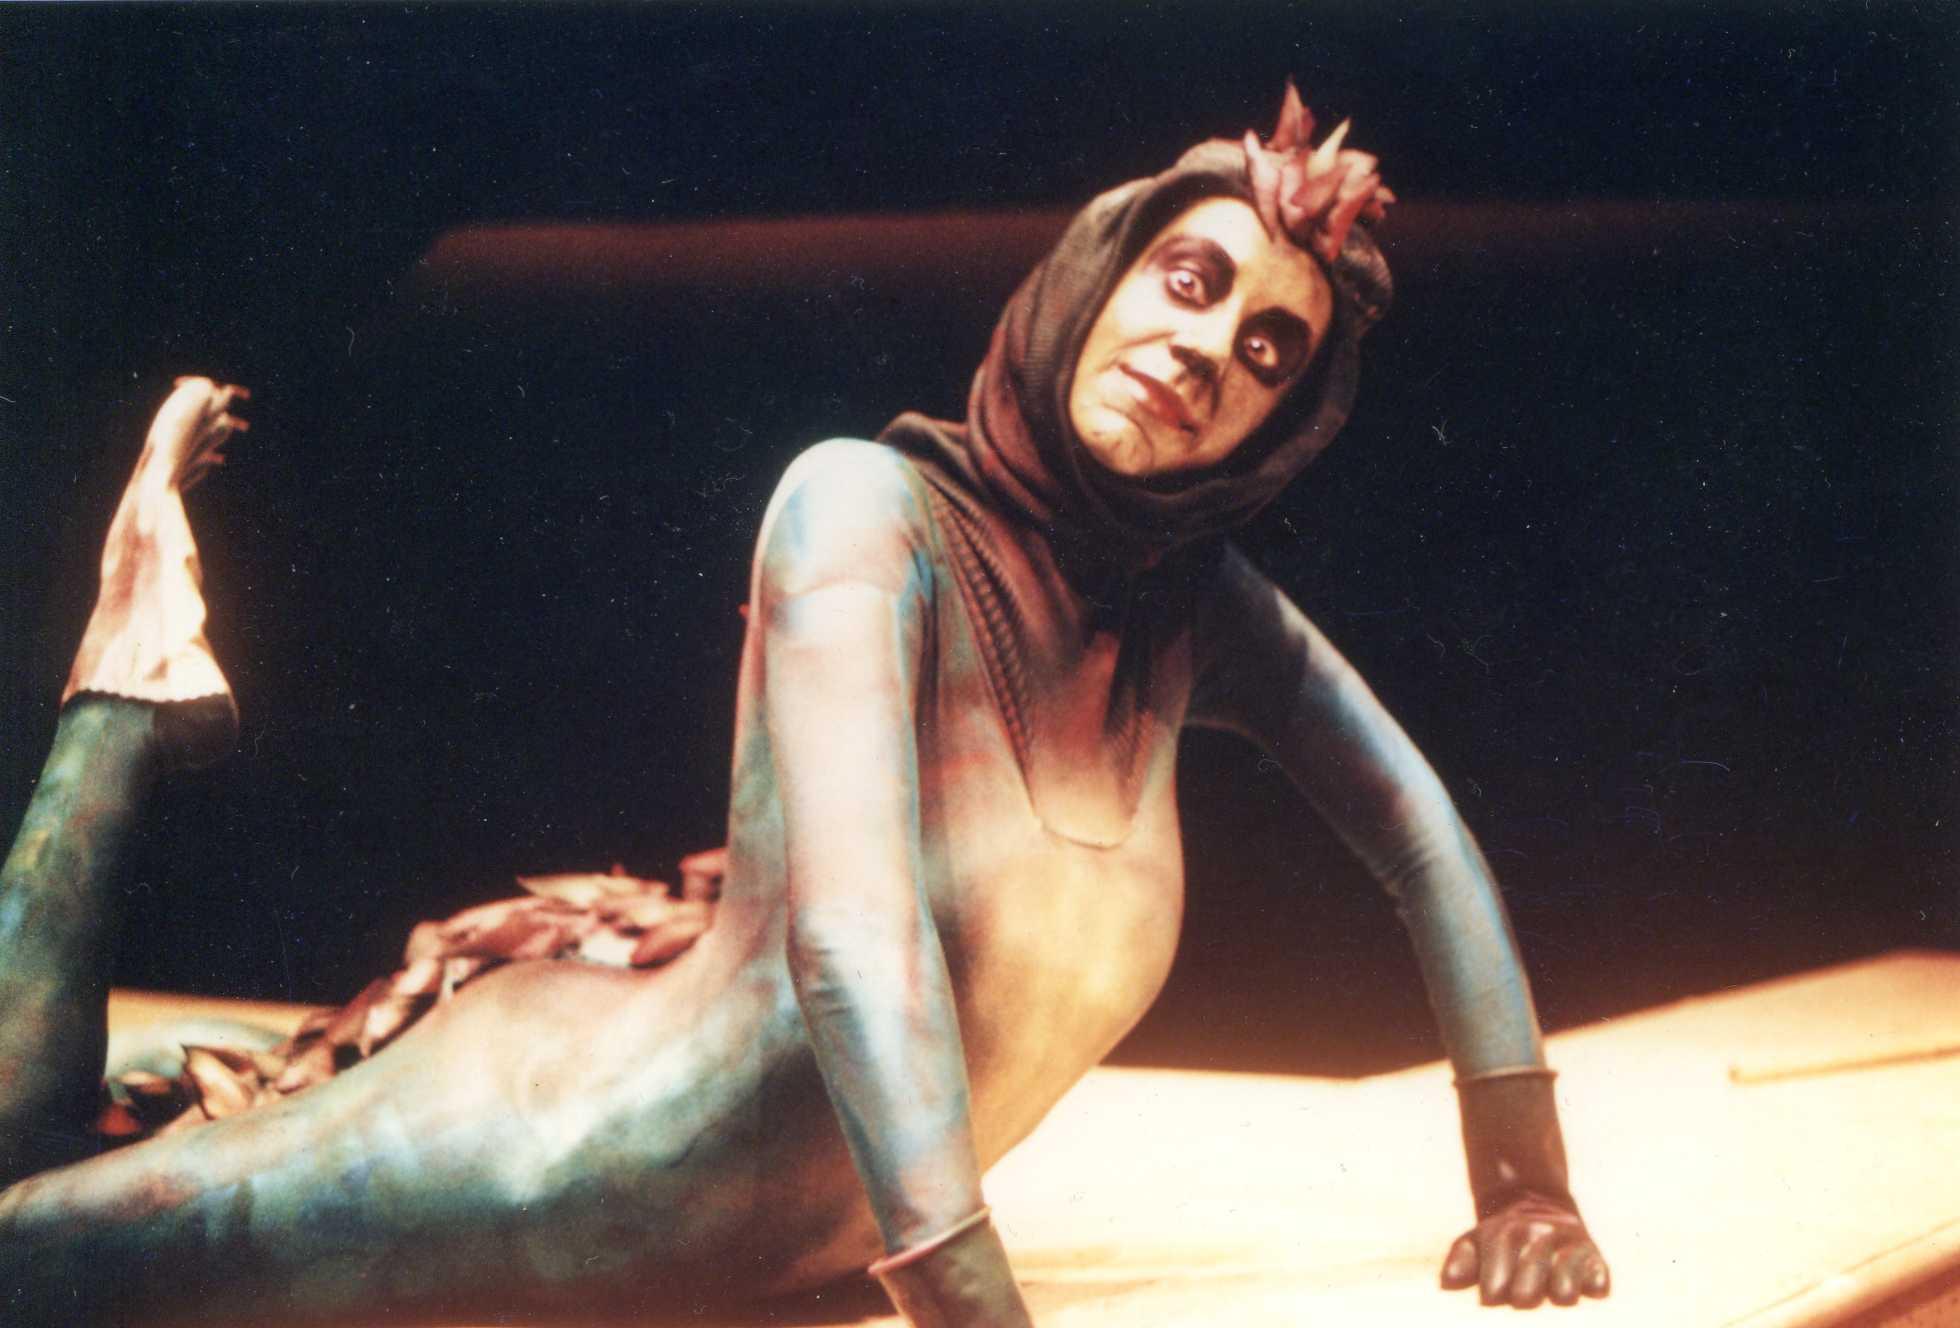 Lillian-Rozin-in-SEASCAPE-by-Edward-Albee-1988.jpg